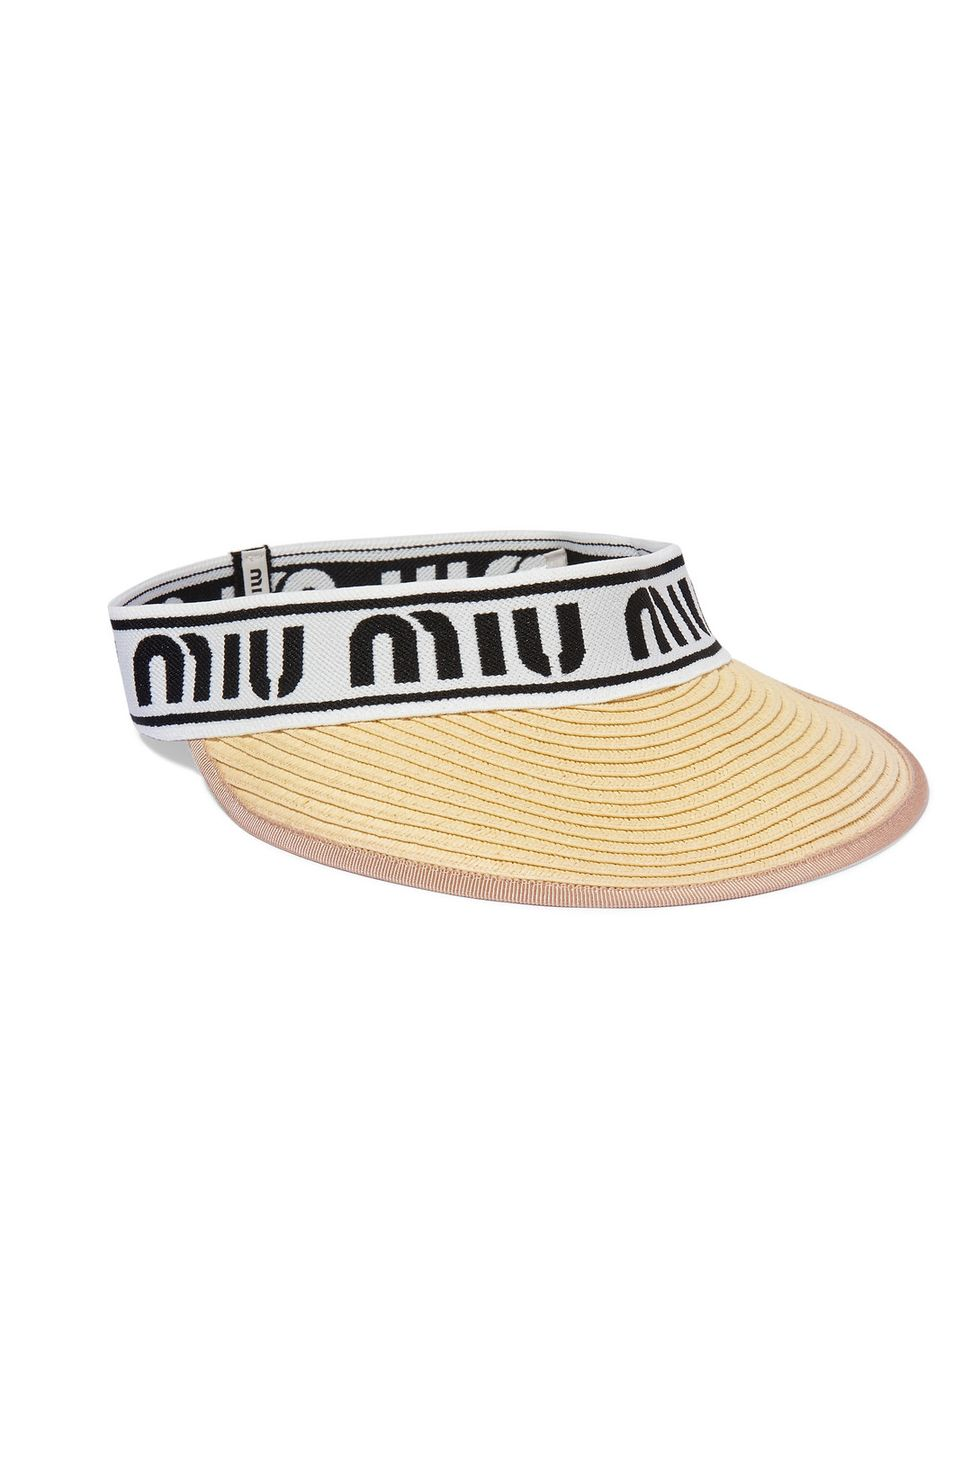 The visor